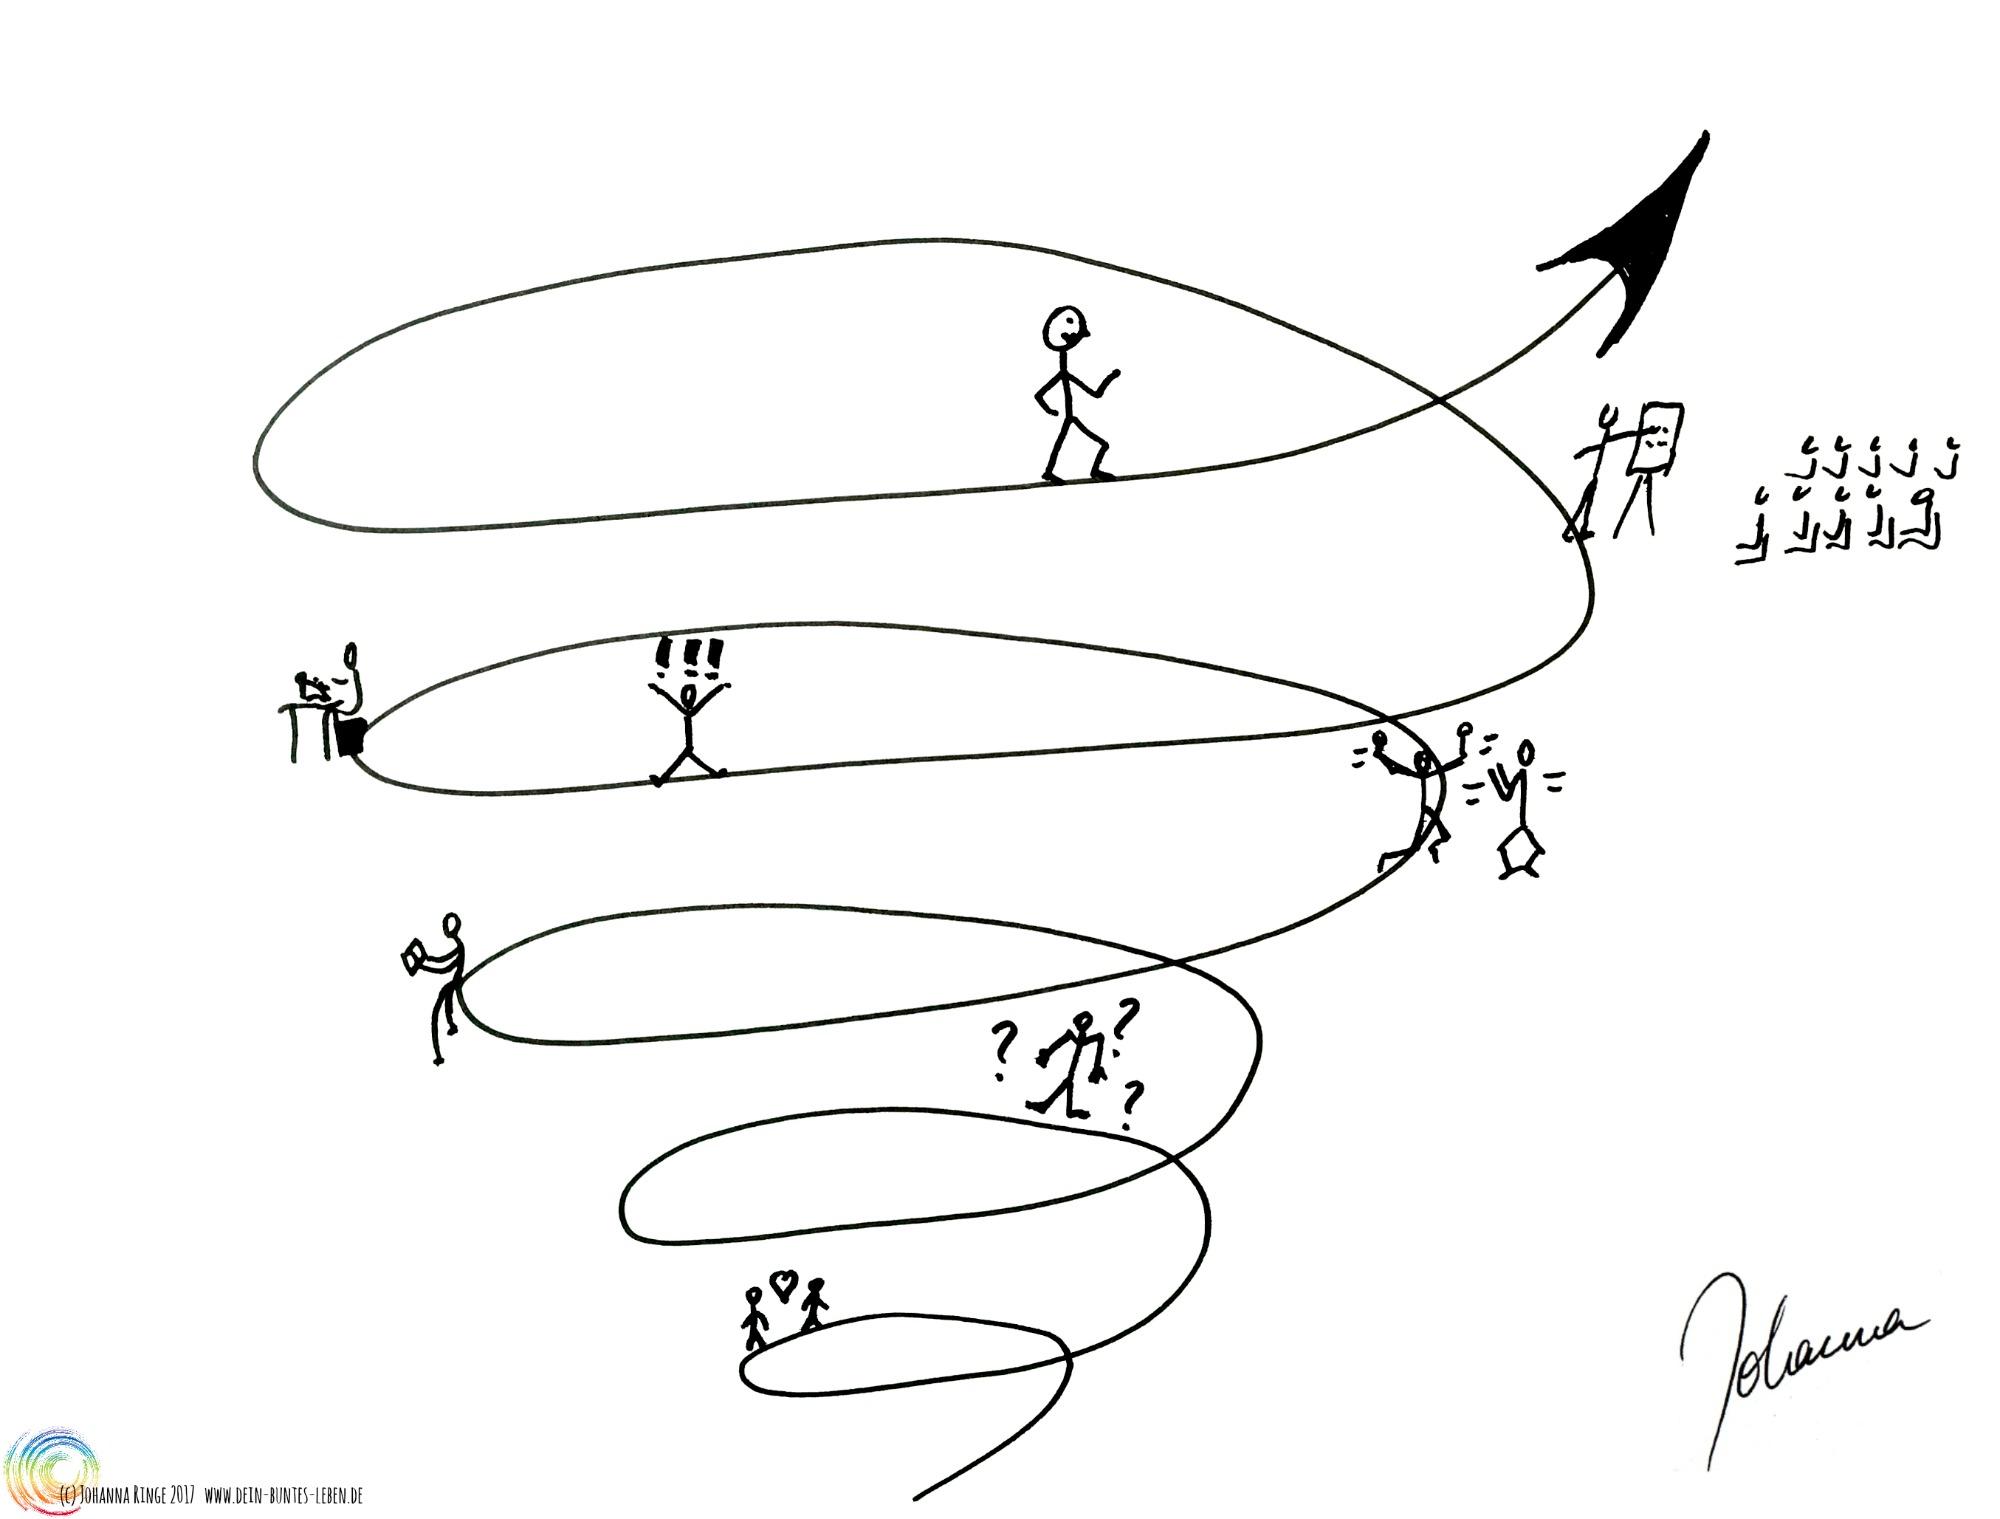 Wellen -Modell des Lebens: eine gezeichnete Spirale, auf der Strichmännchen in div. Situationen zu sehen sind. (c) 2017 Johanna Ringe , www.dein-buntes-leben.de